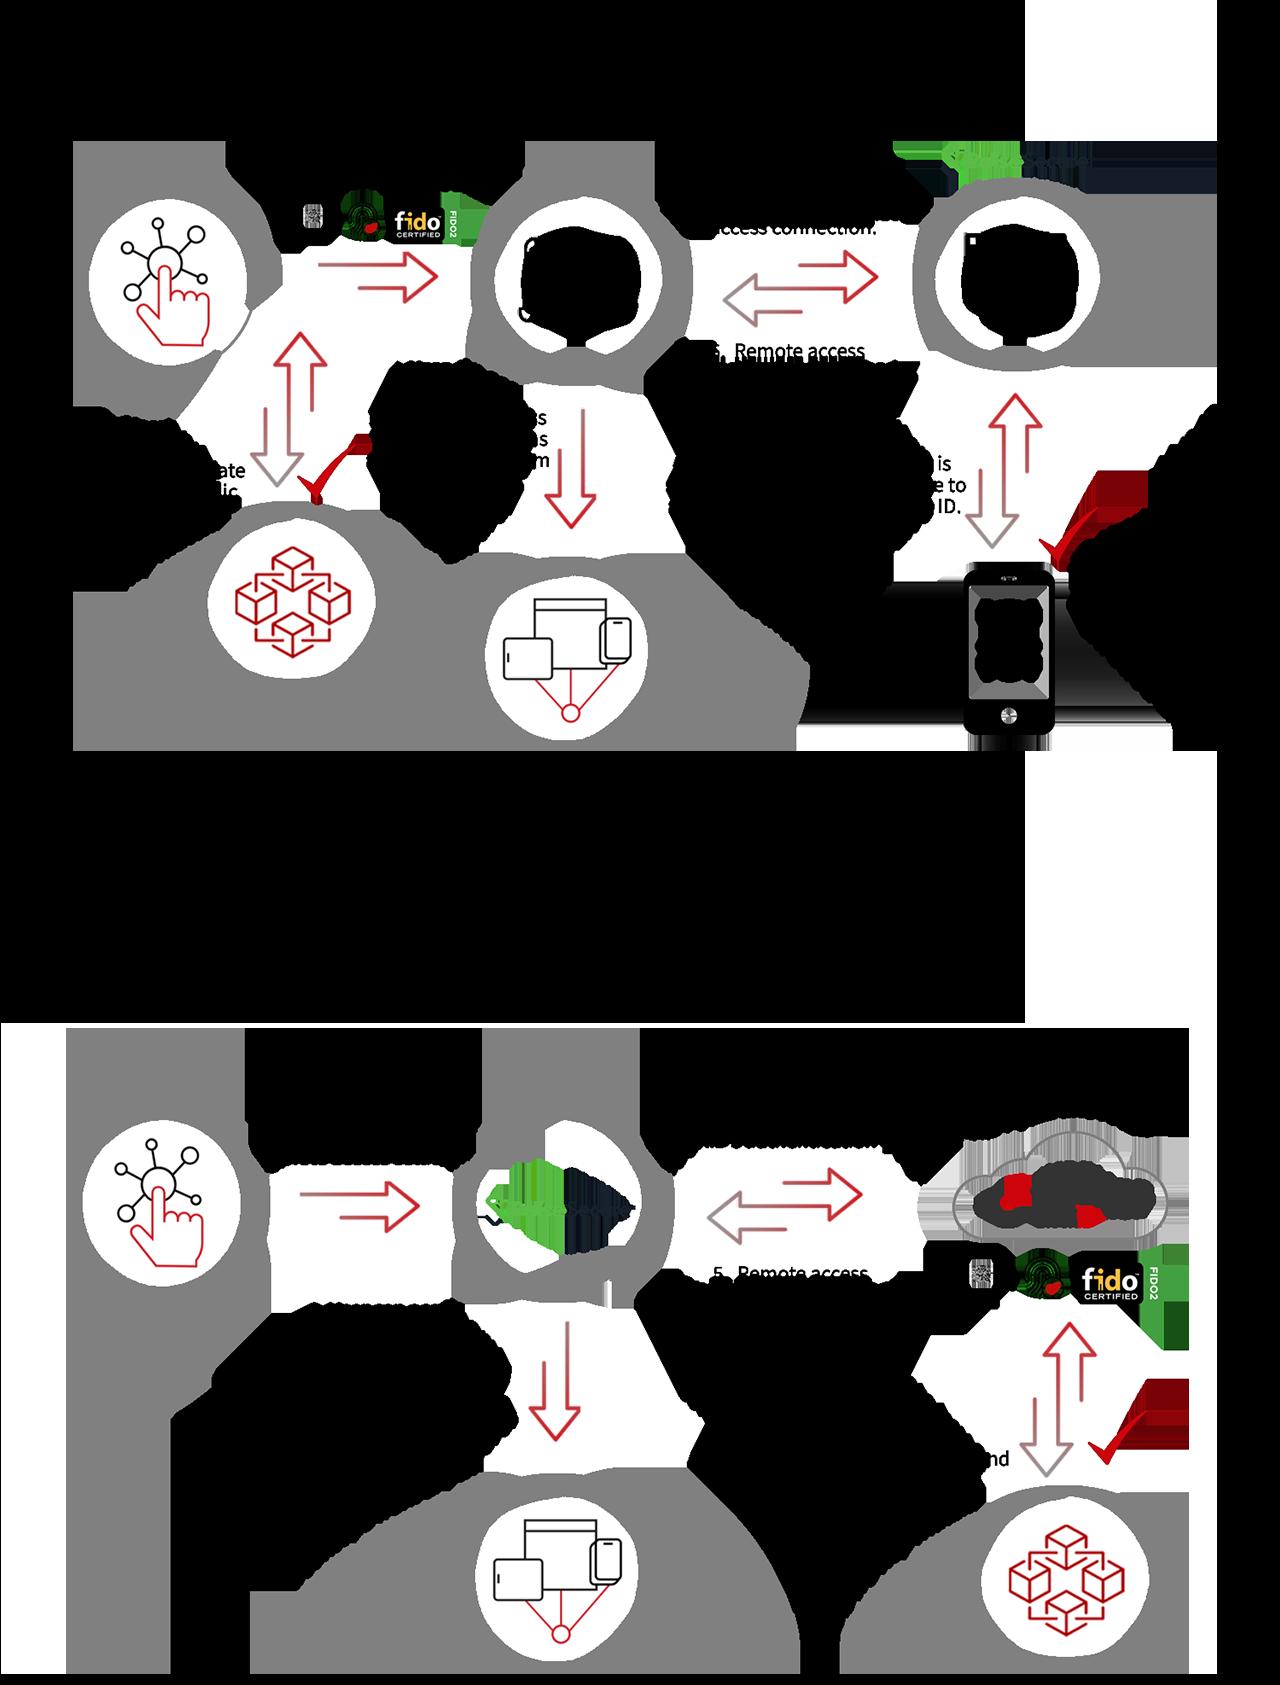 pulse secure diagram scenario 1 and 2